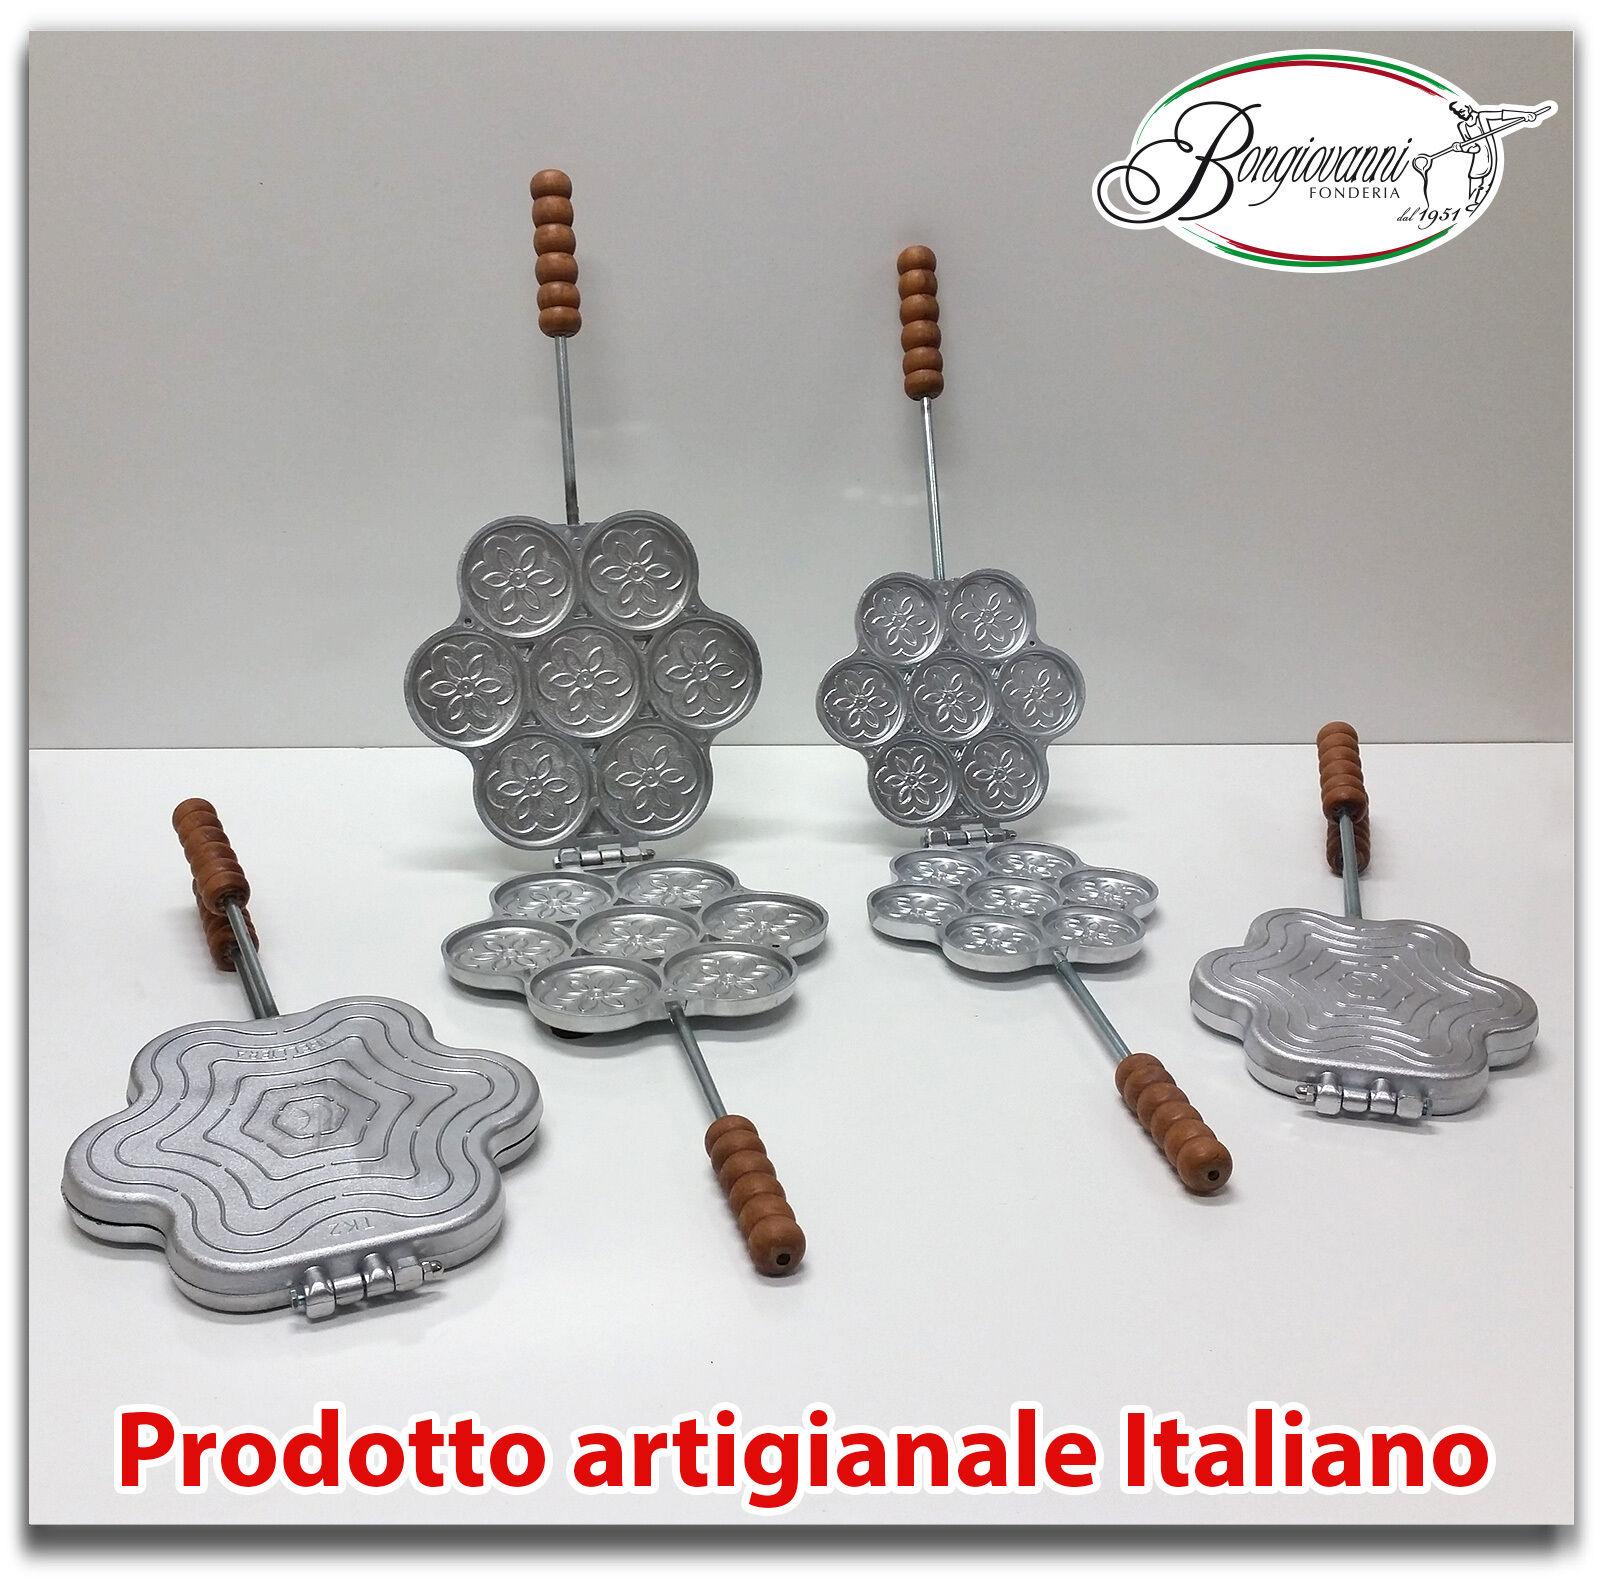 Tigelliera in alluminio 7 posti per tigelle da 8,5 cm e da 6,5 cm + ricetta